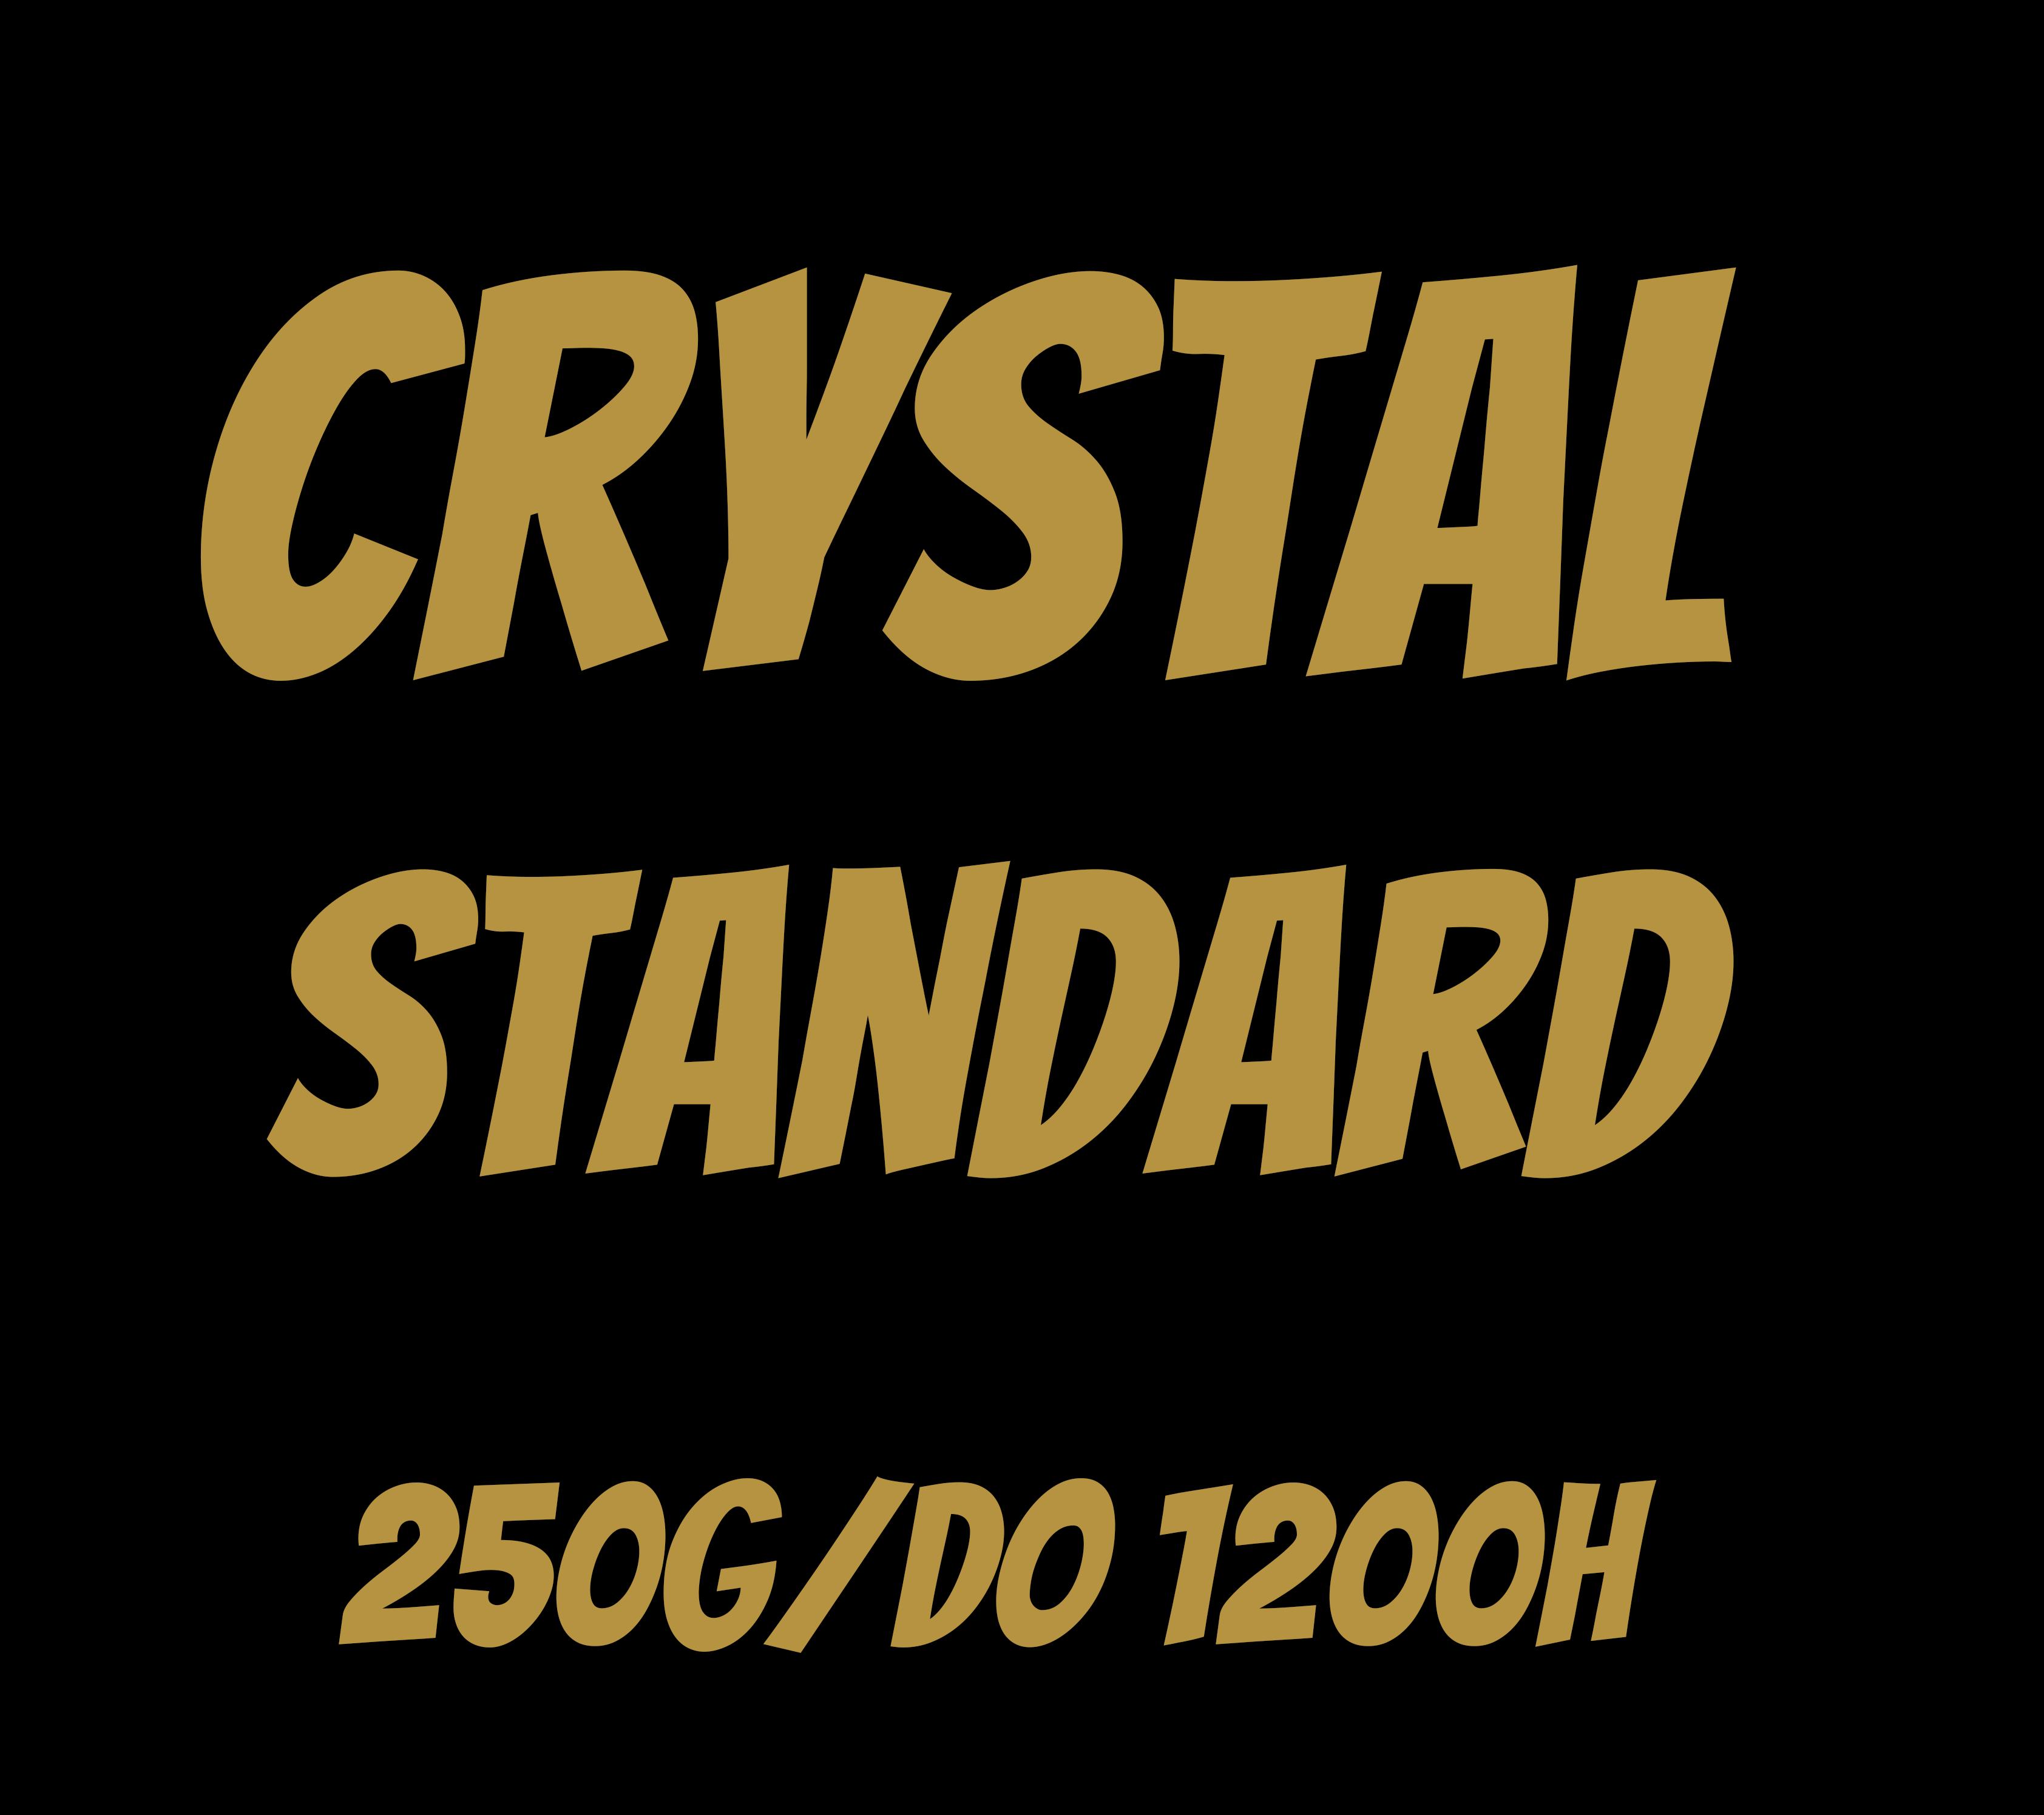 Świece rzepakowe - Crystal standard